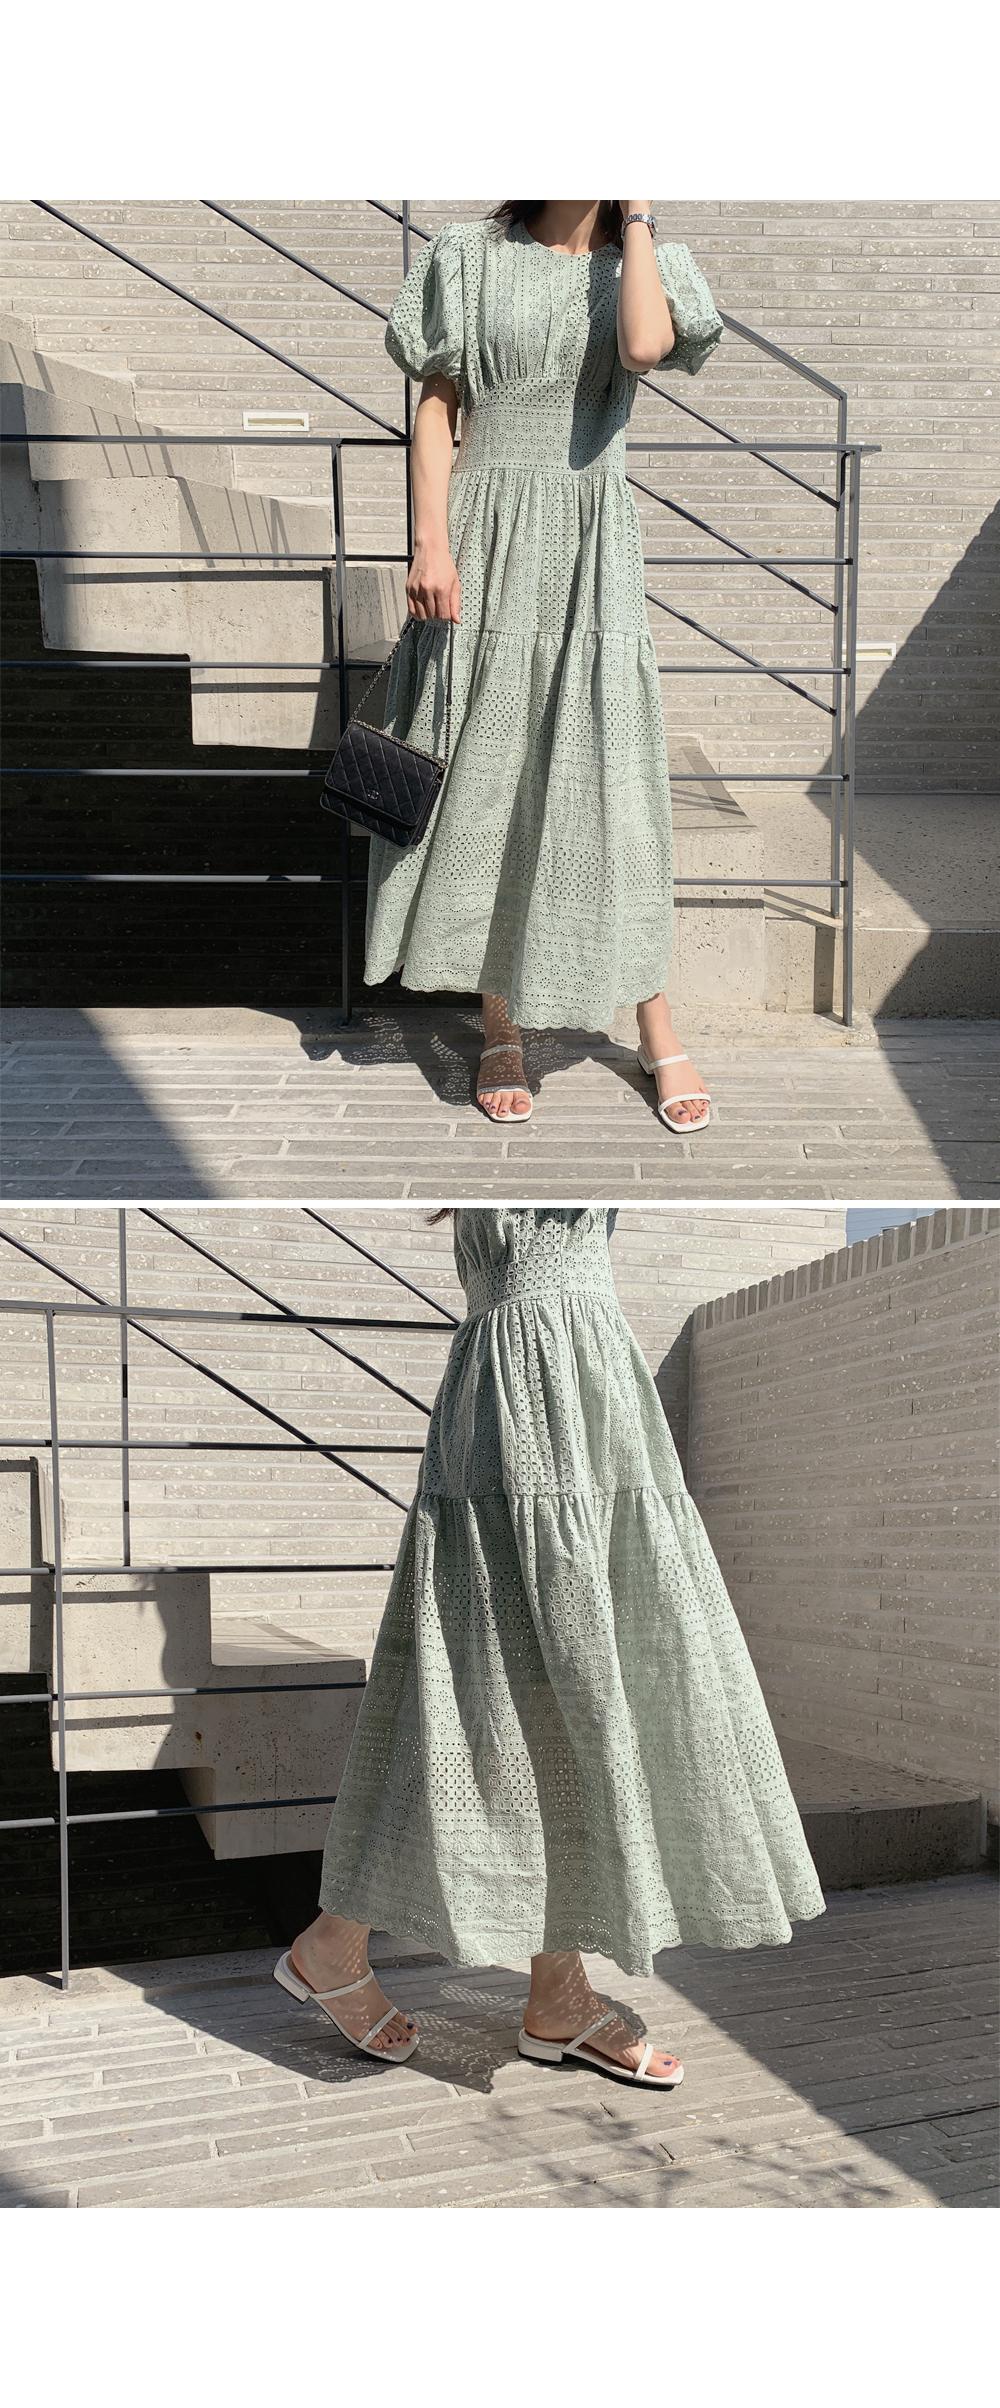 Blair Puff Sleeve Lace Dress-holiholic.com